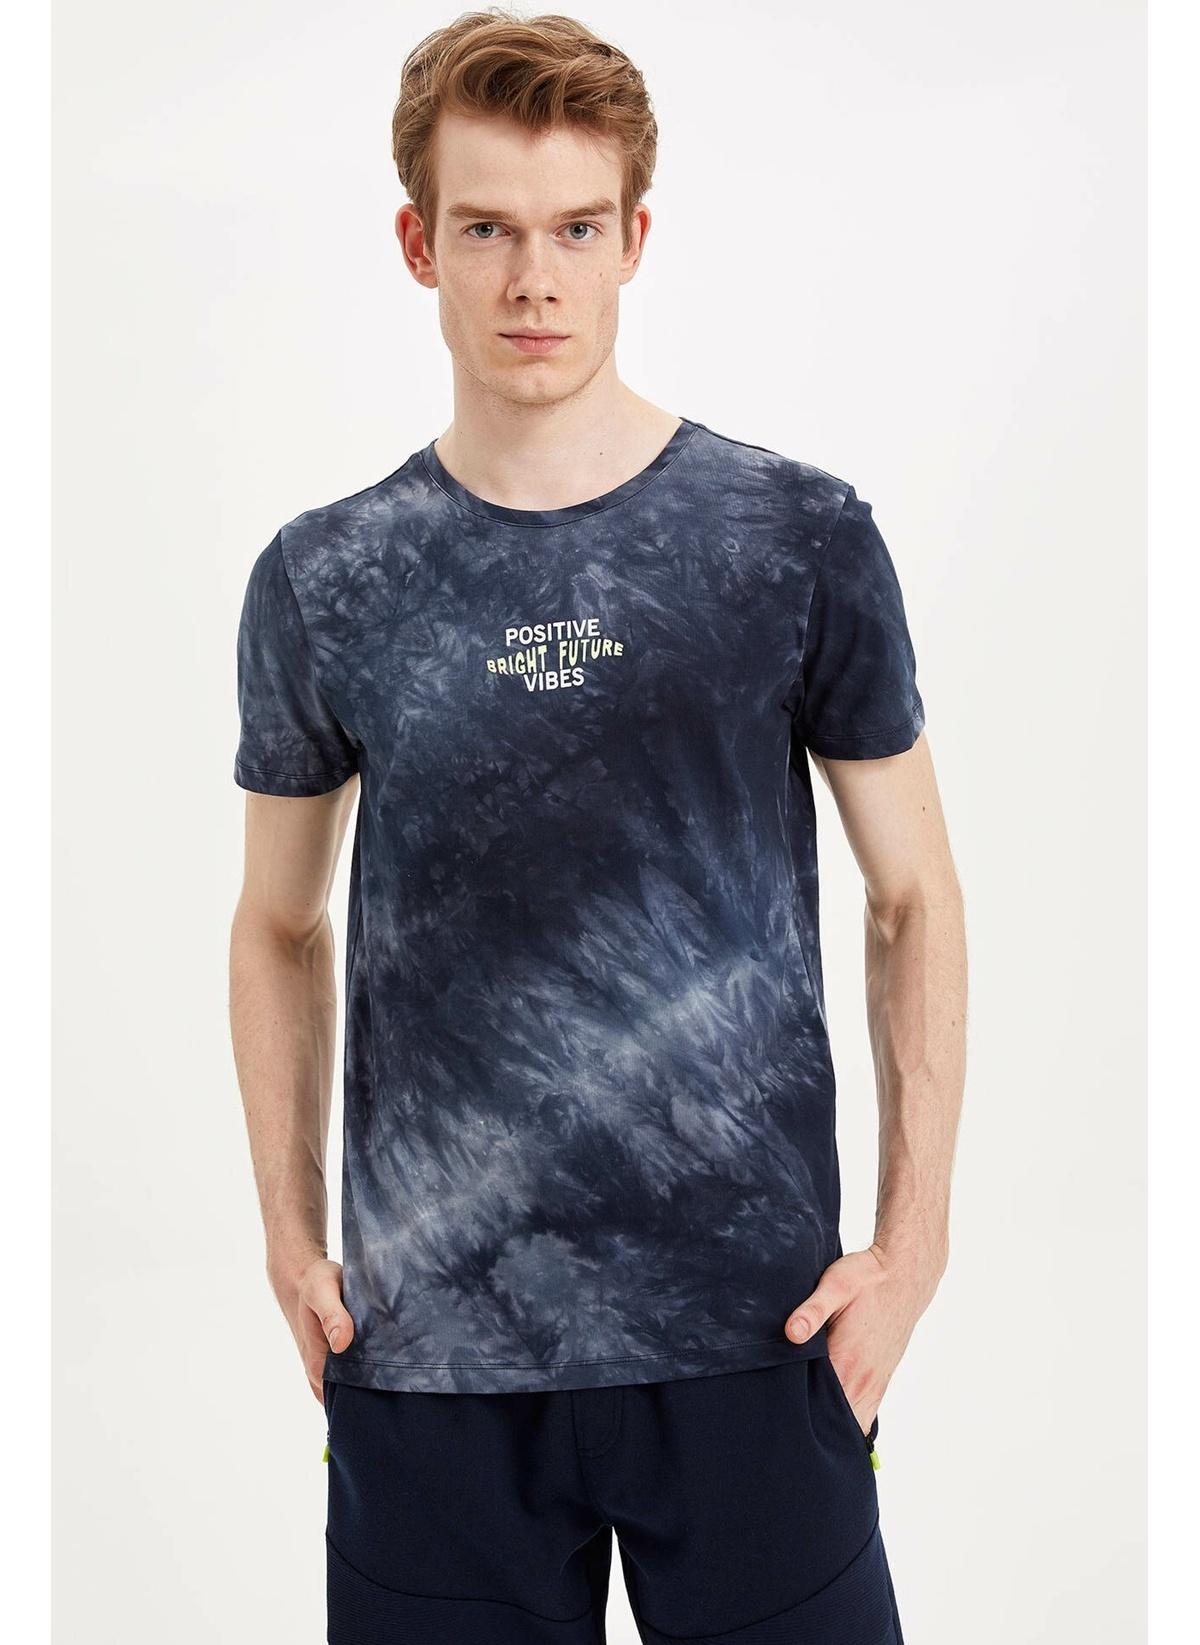 Defacto Tişört L2952az19smar142t-shirt – 39.99 TL